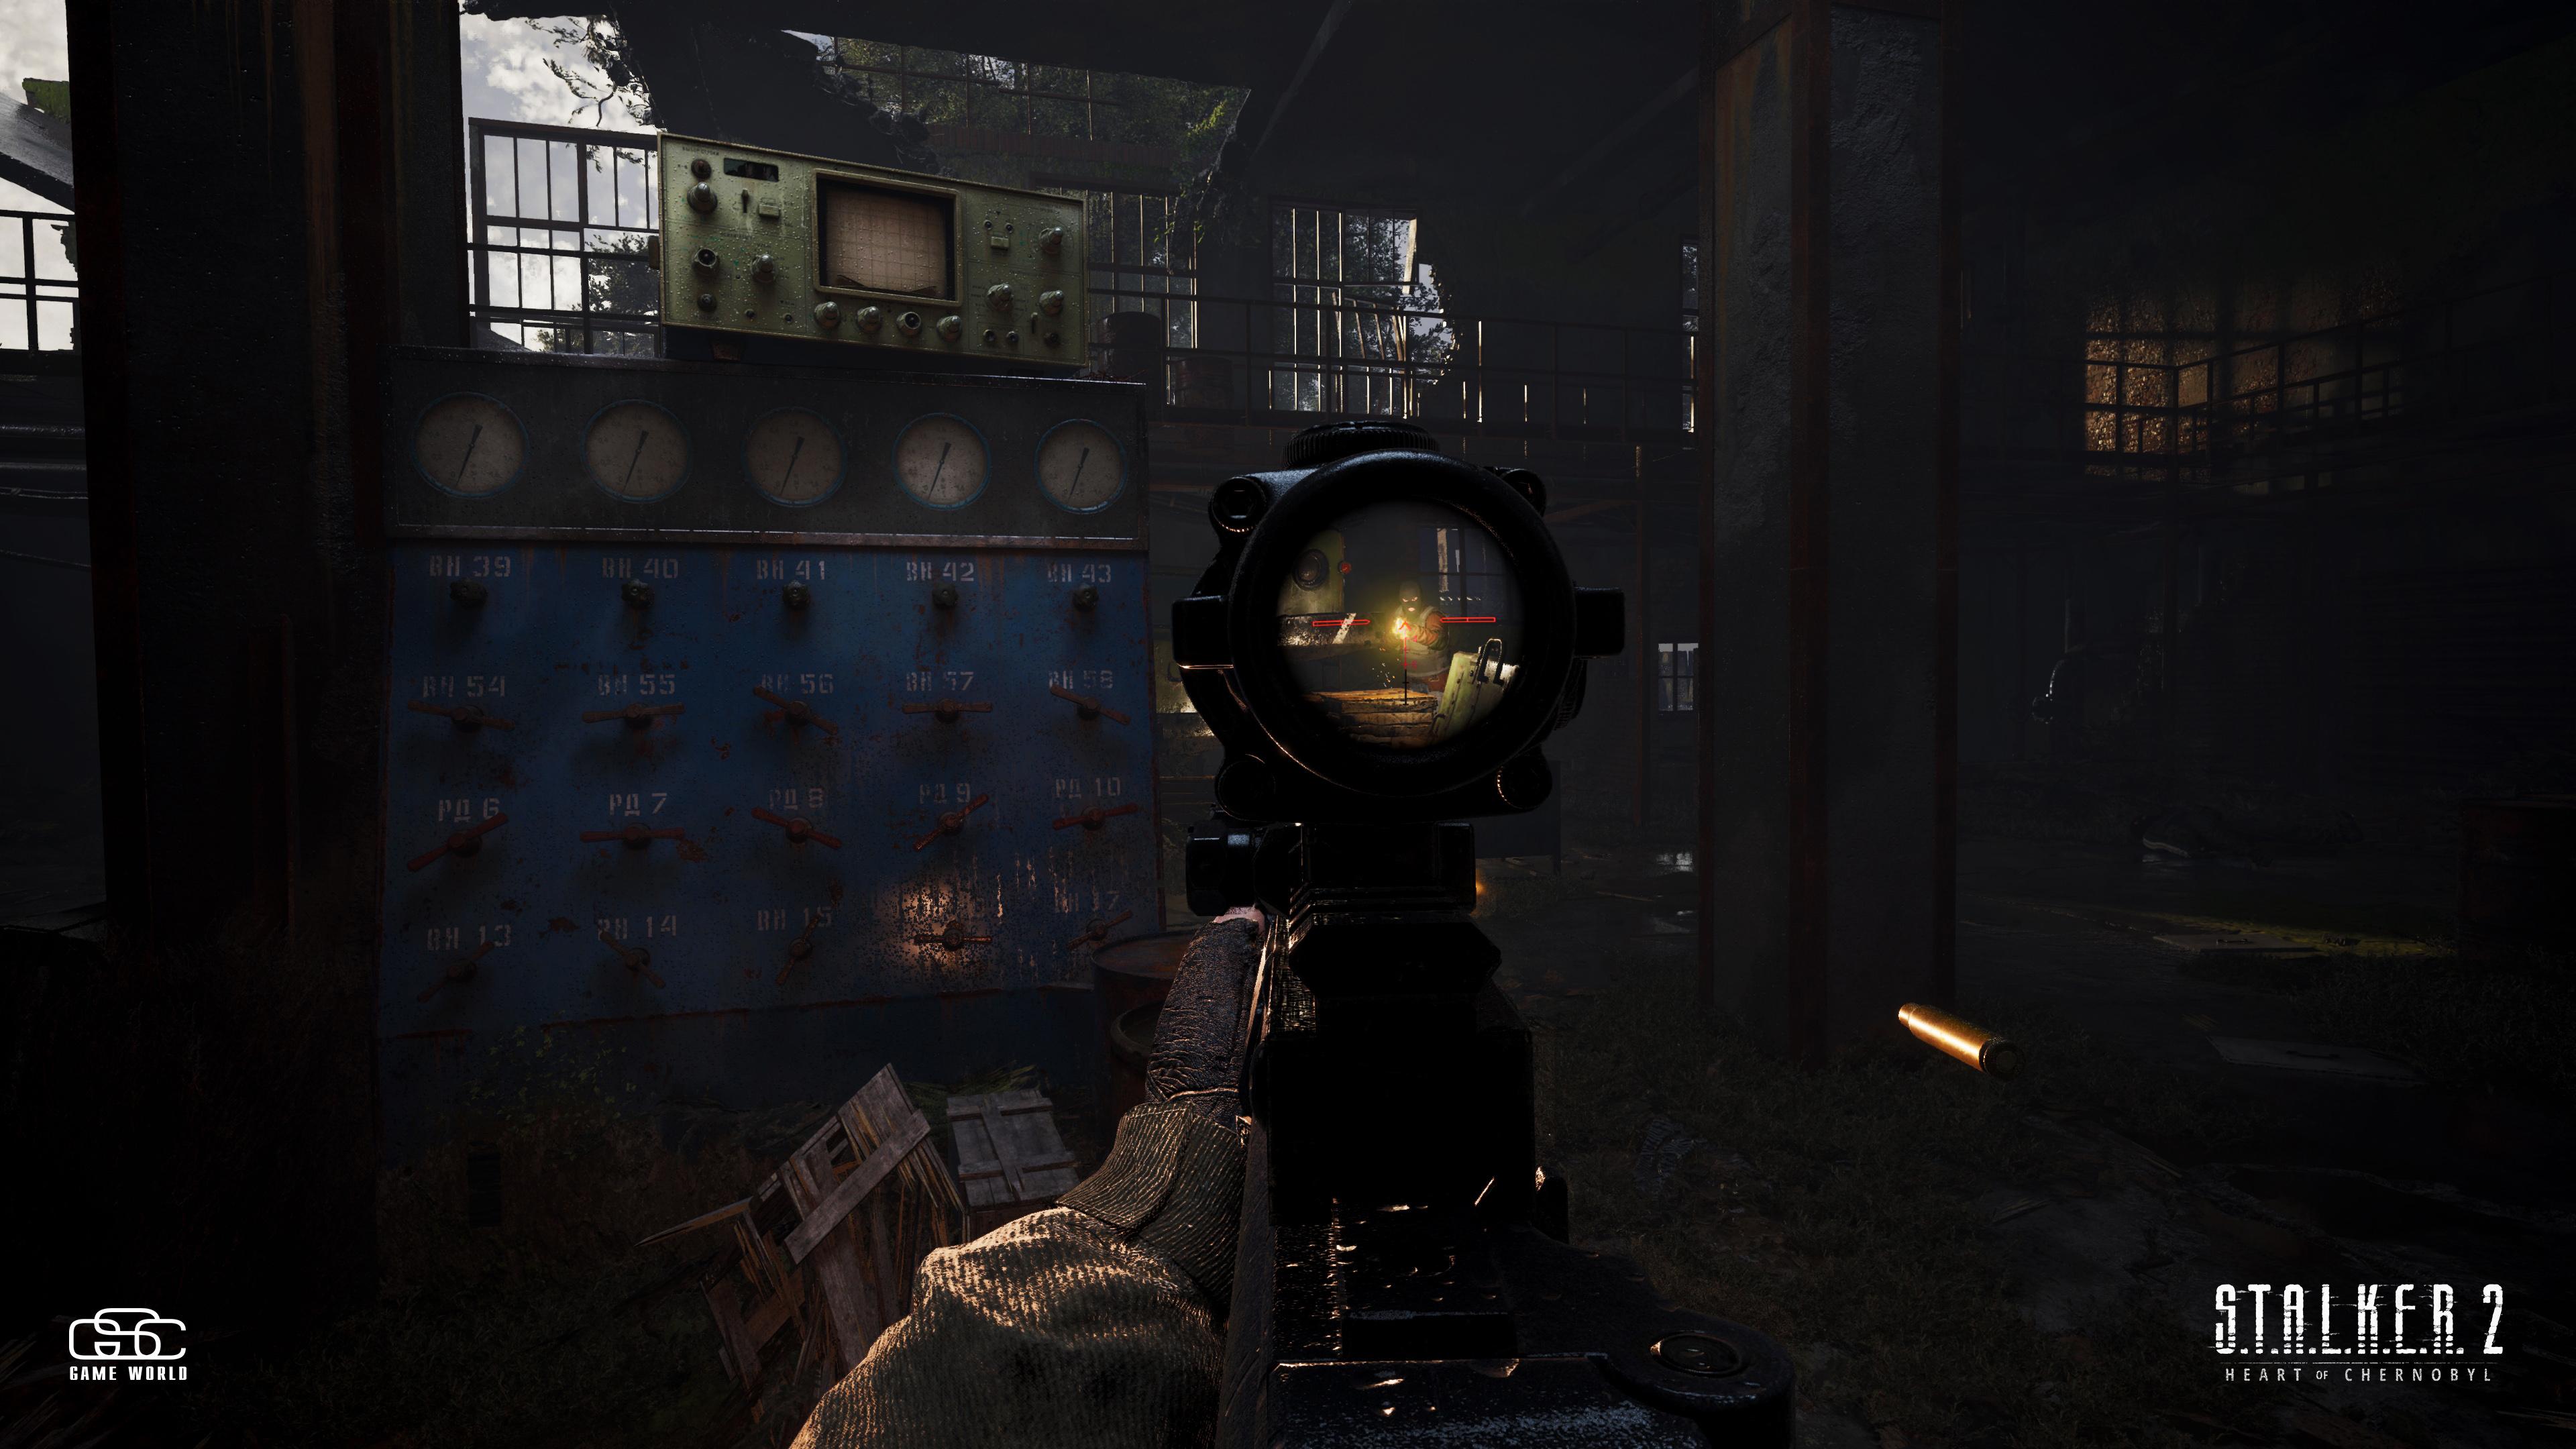 S.T.A.L.K.E.R. 2 займёт 150 Гбайт: системные требования игры и подборка скриншотов